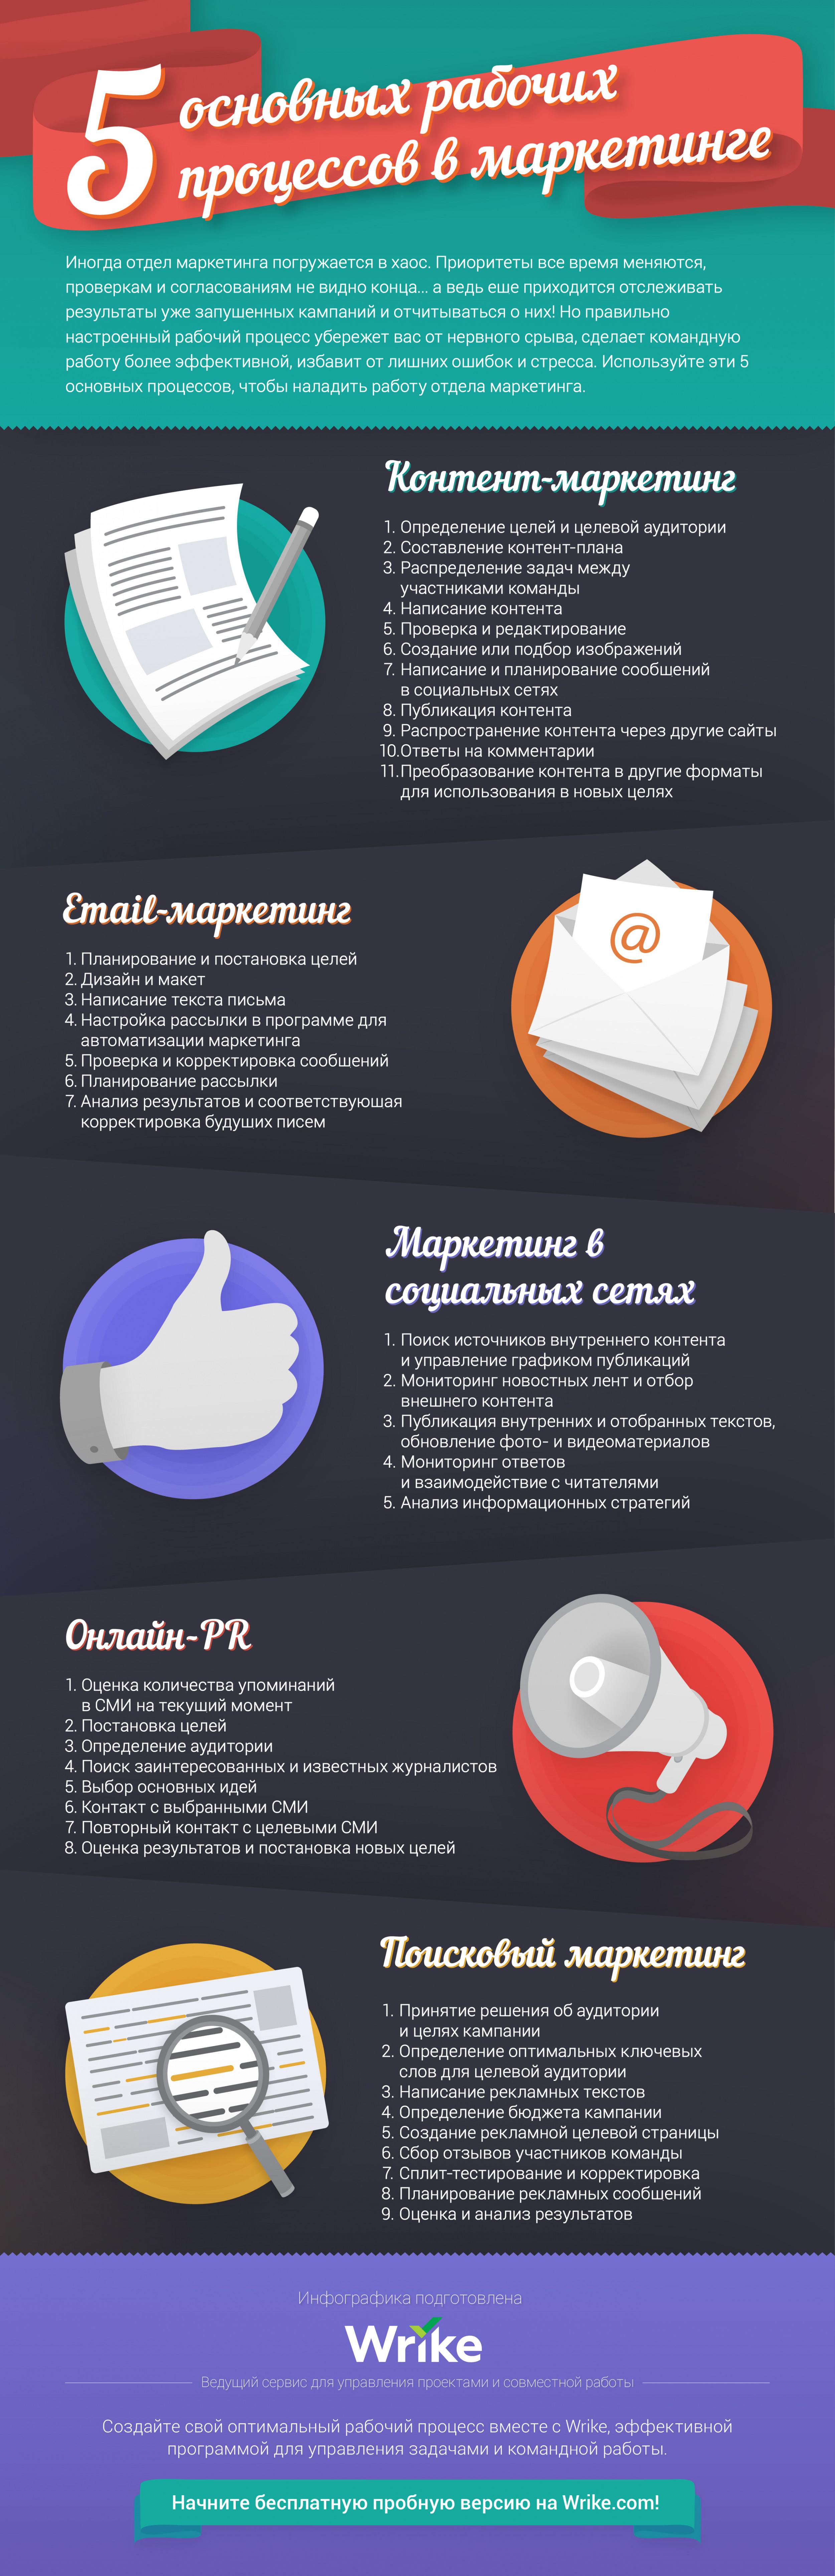 5 основных рабочих процессов команды маркетинга